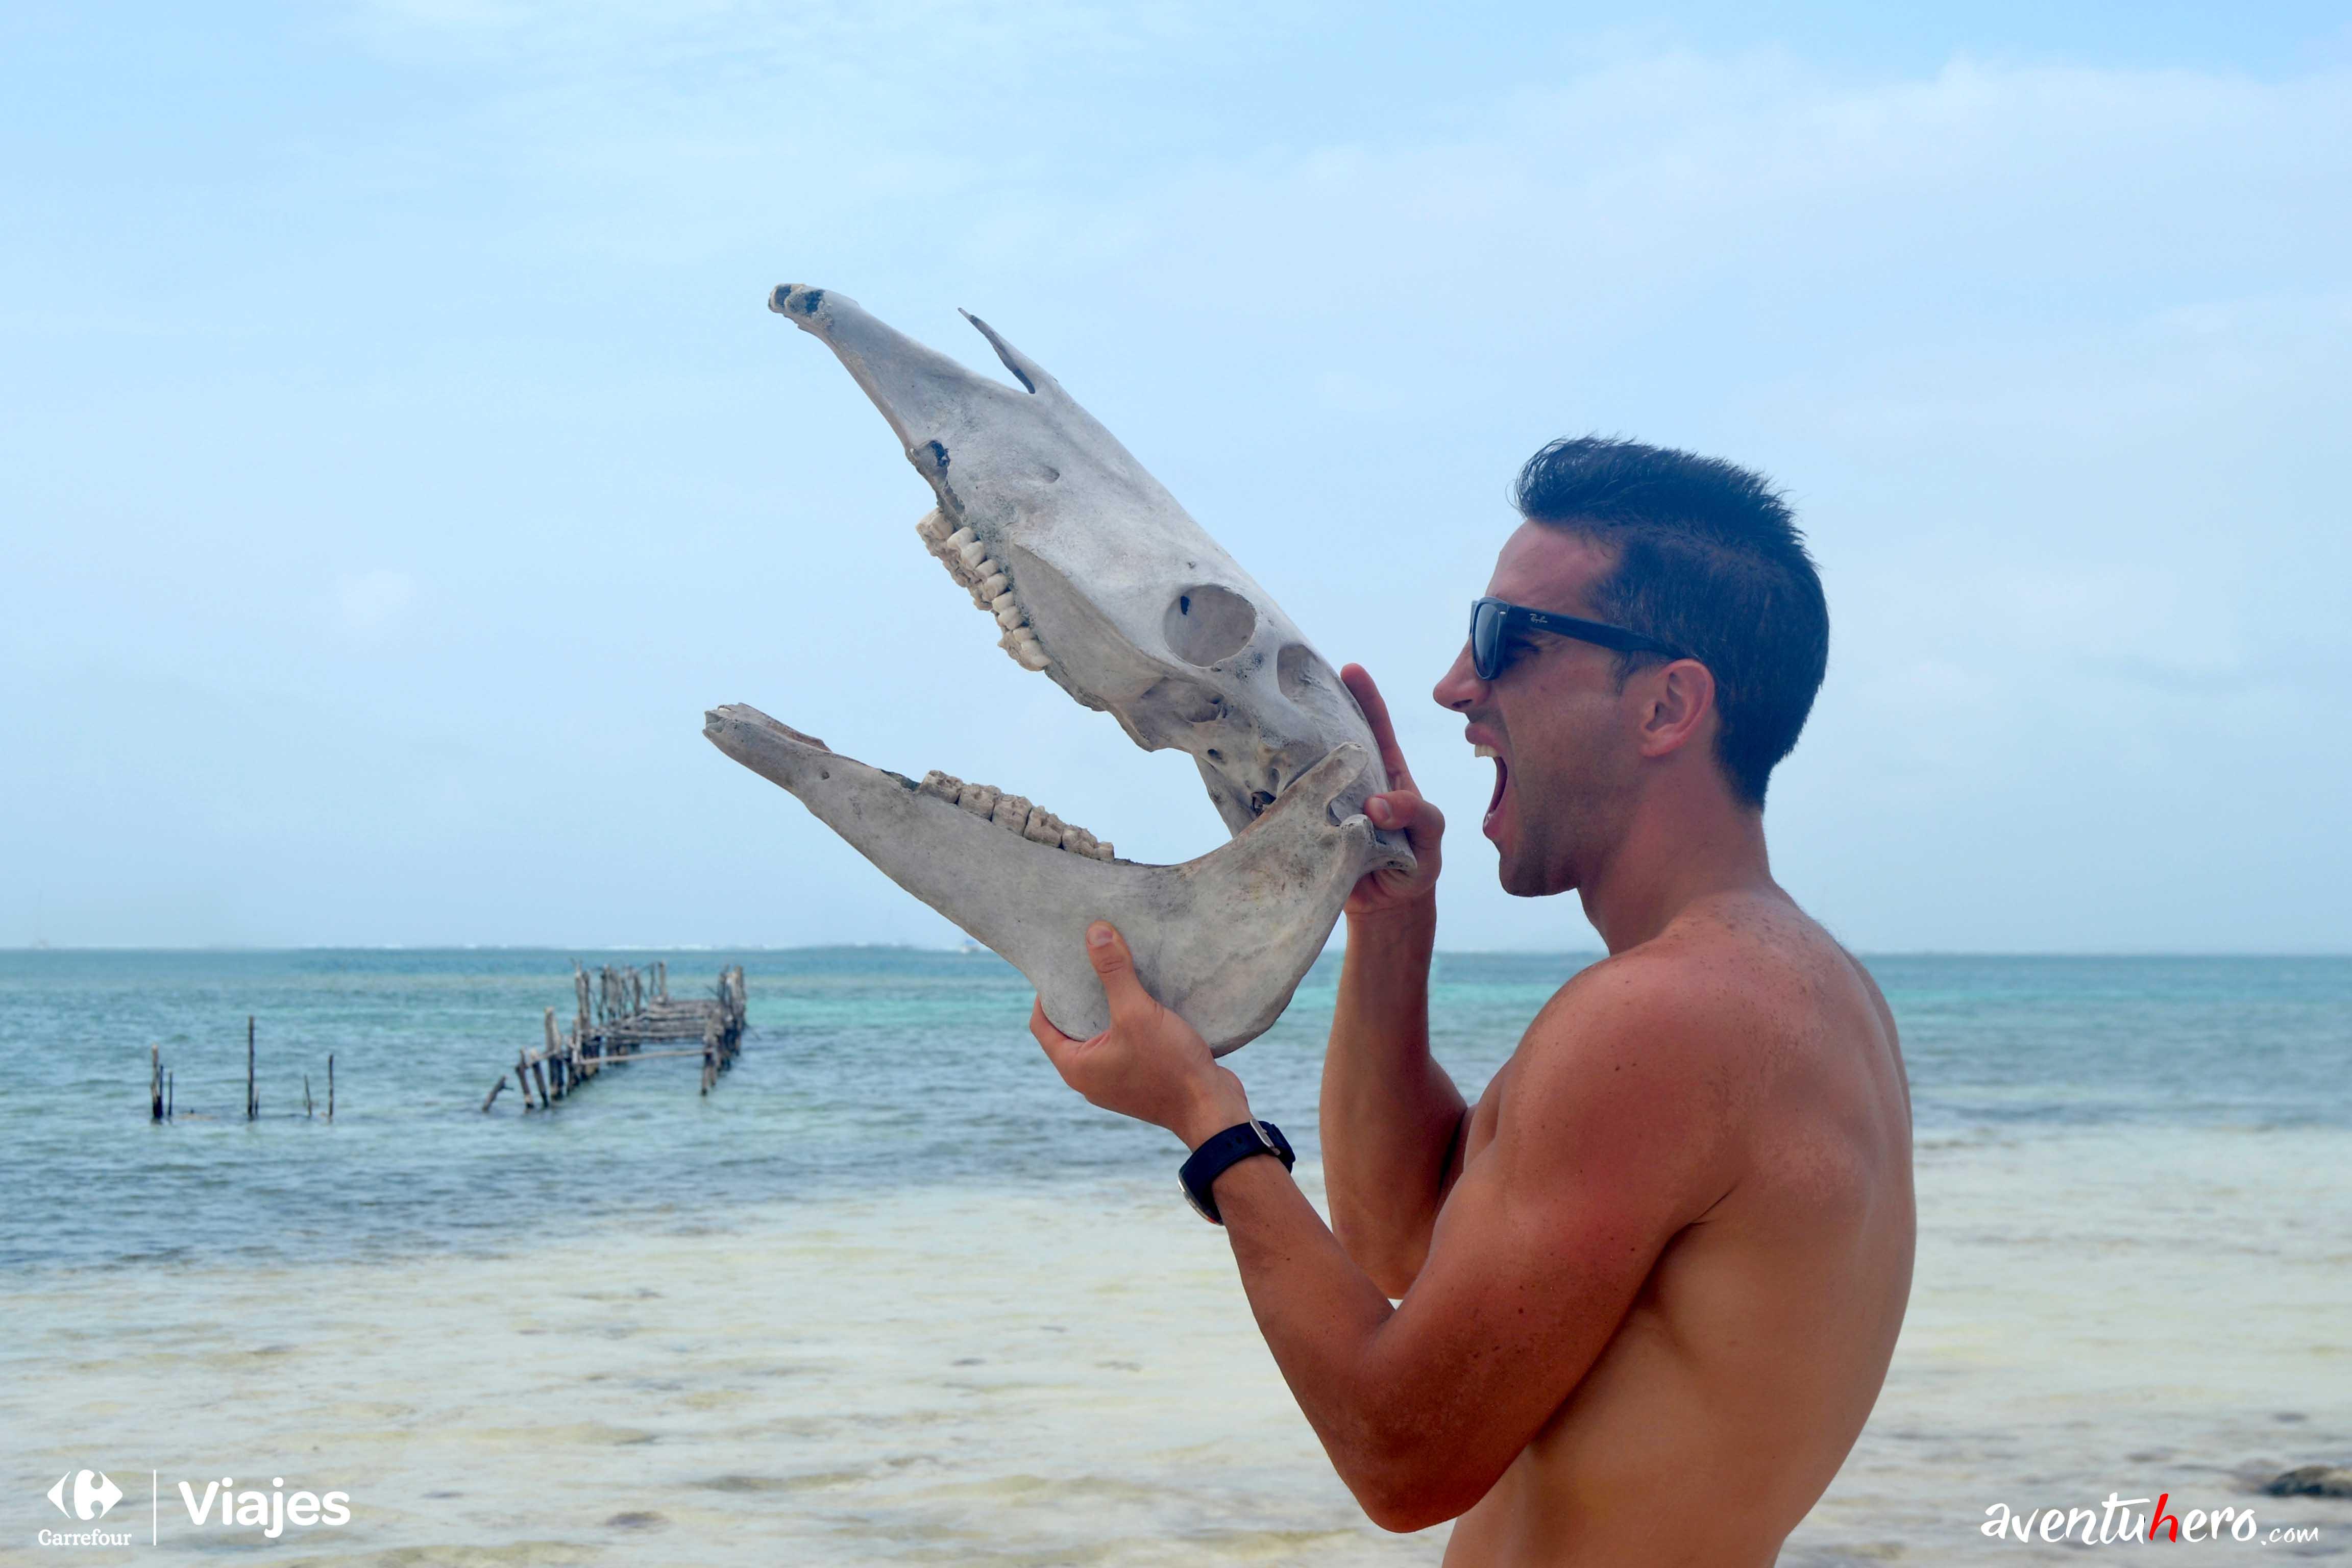 Nunca sabes lo que puedes encontrar en la orilla del mar